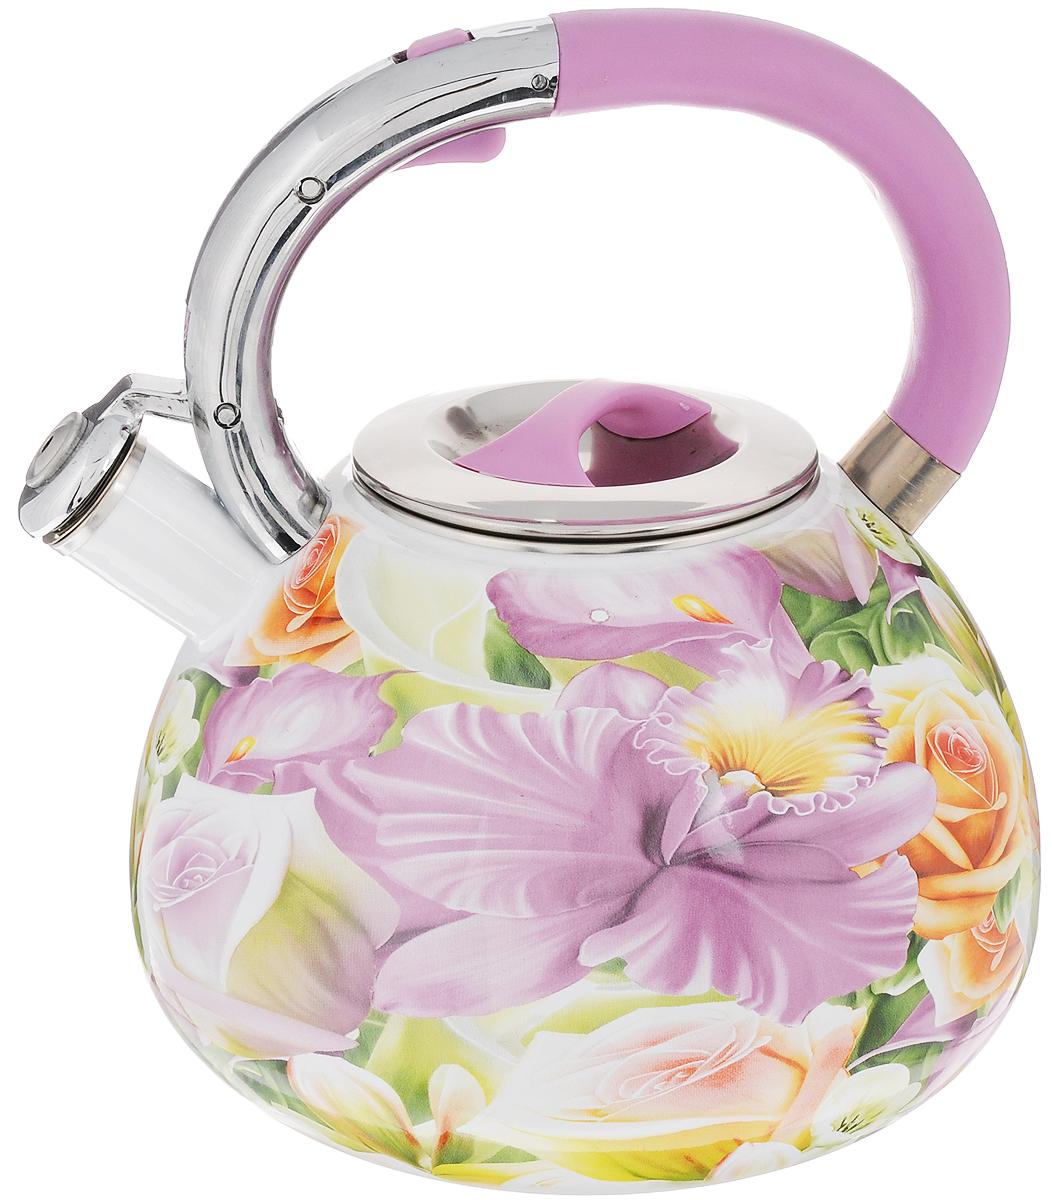 Чайник эмалированный Mayer & Boch, со свистком, 3,5 л. 2385423854Чайник со свистком Mayer & Boch изготовлен из высококачественной углеродистой стали. Корпус чайника имеет эмалированное покрытие с элегантным цветочным рисунком. Носик чайника оснащен откидным свистком, звуковой сигнал которого подскажет, когда закипит вода. Это освободит вас от непрерывного наблюдения за чайником. Свисток приподнимается с помощью специального механизма на ручке чайника. Эргономичная ручка выполнена из пластика.Подходит для всех видов плит, включая индукционные.Изделие можно мыть в посудомоечной машине.Высота чайника (без учета ручки и крышки): 14,5 см. Высота чайника (с учетом ручки и крышки): 23,5 см.Диаметр основания чайника: 19 см.Диаметр чайника (по верхнему краю): 10,5 см.